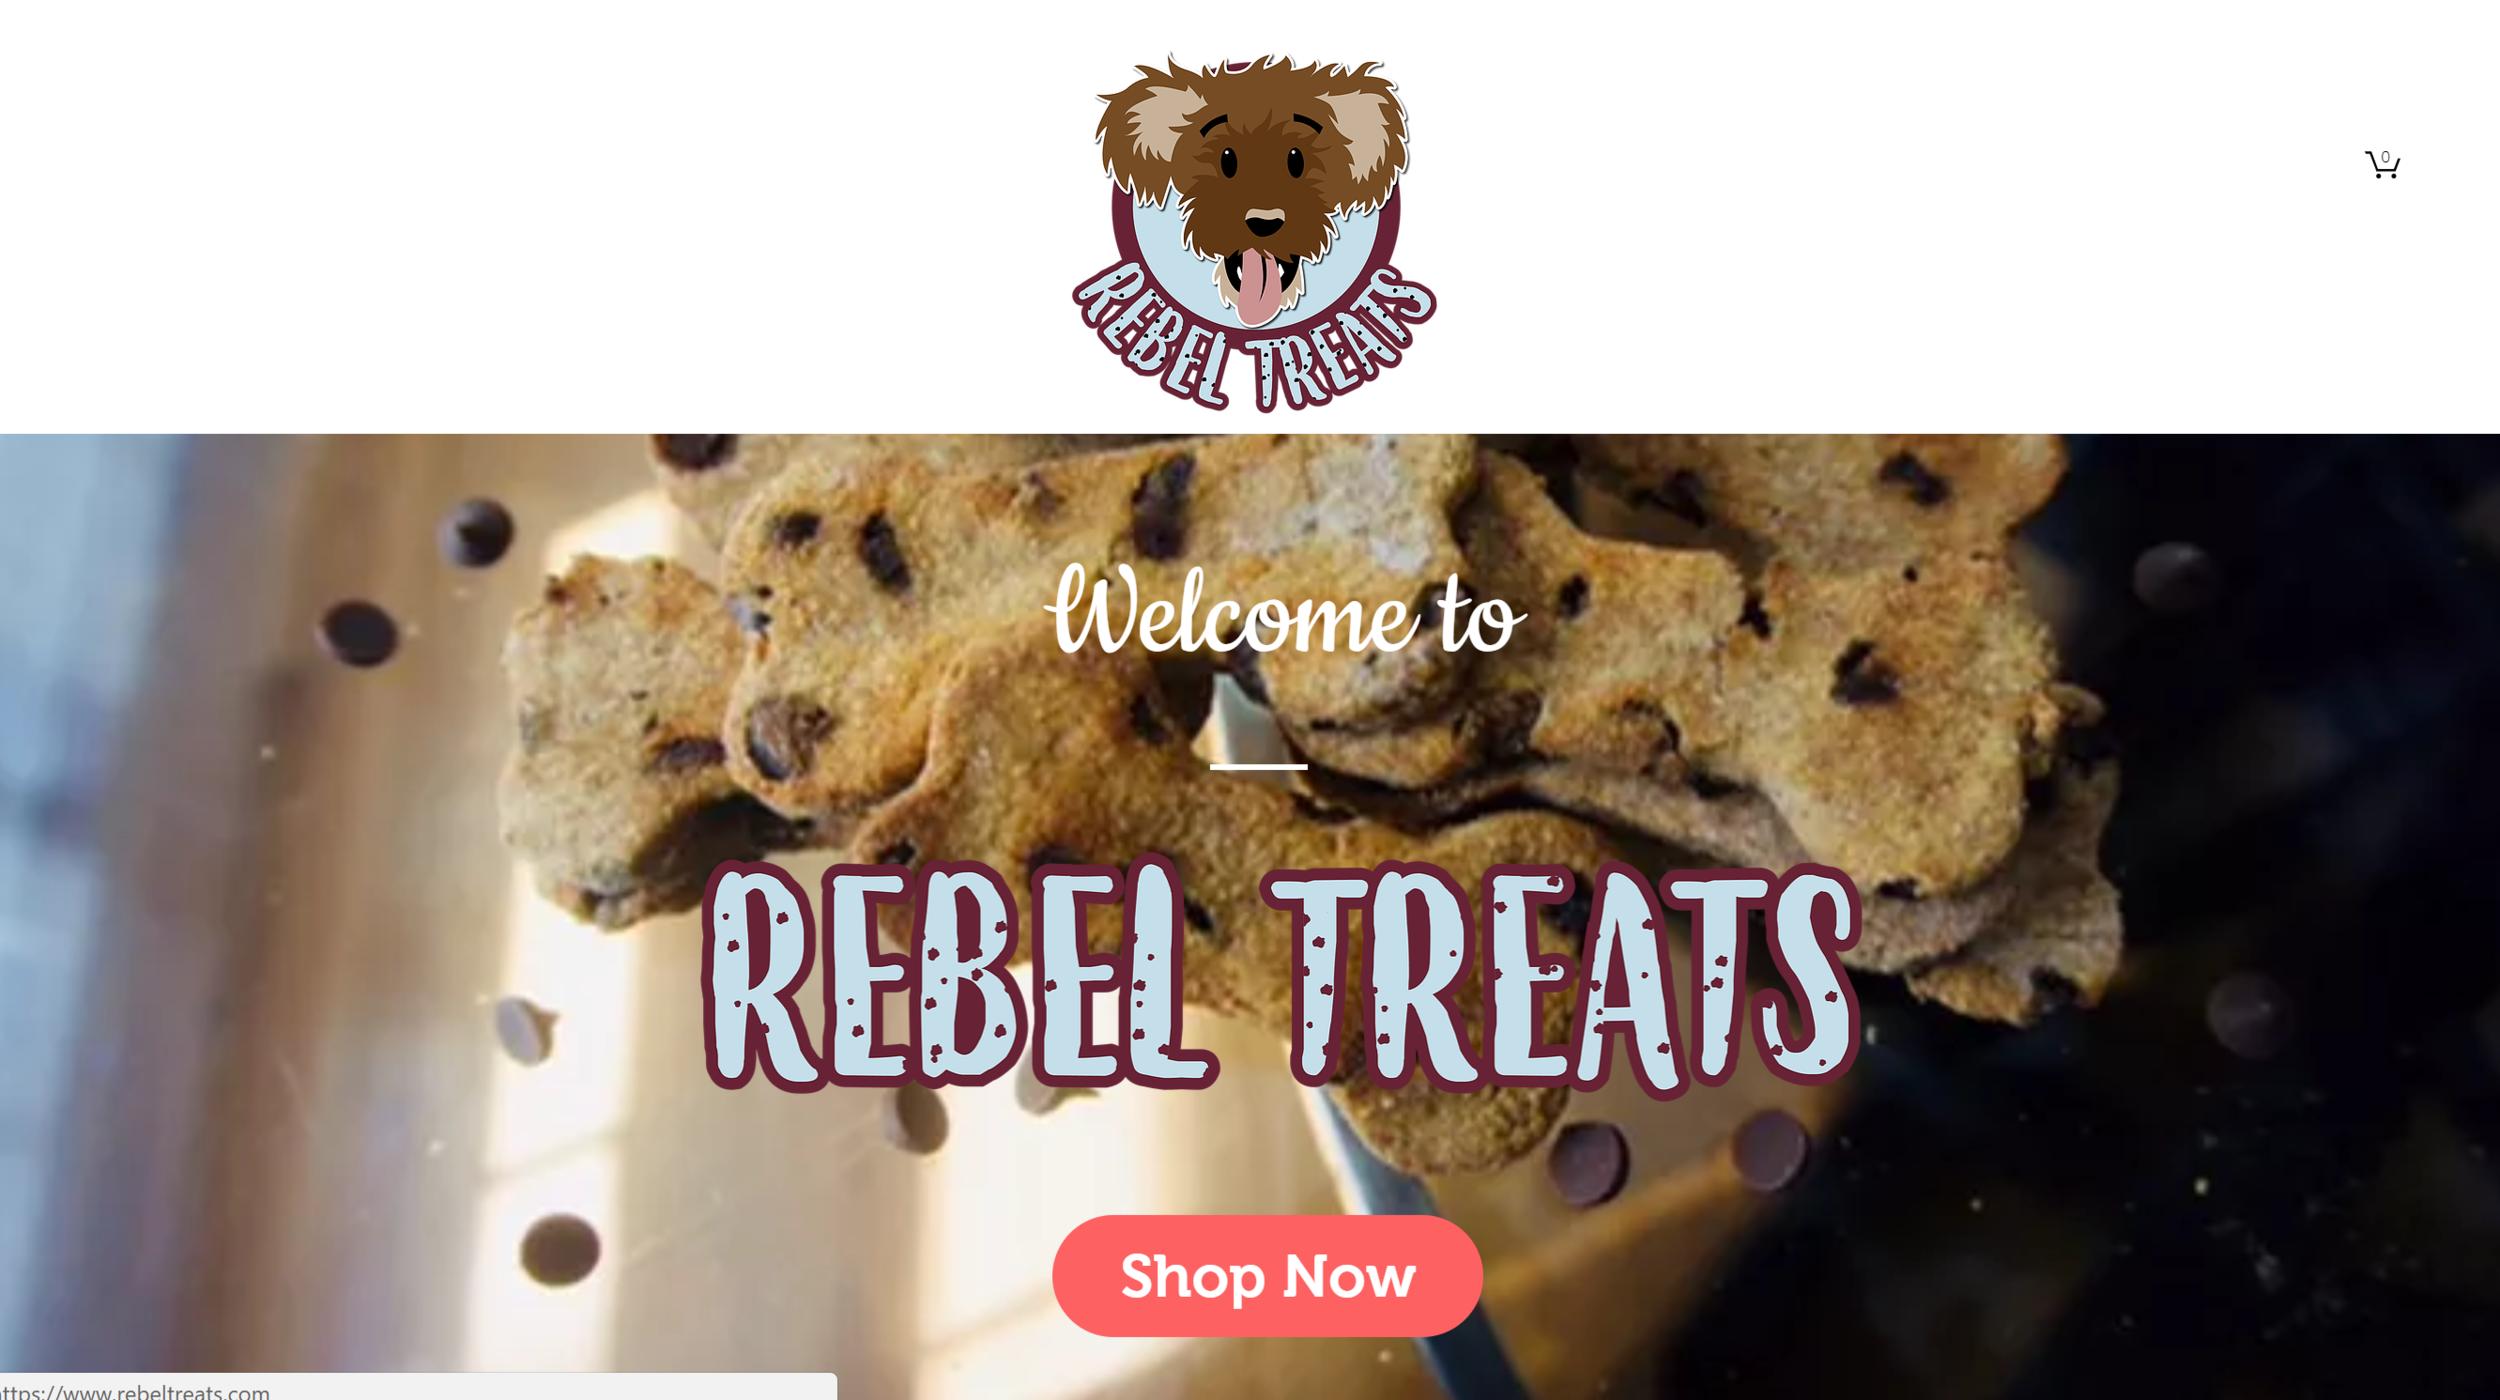 Rebel Treats Website